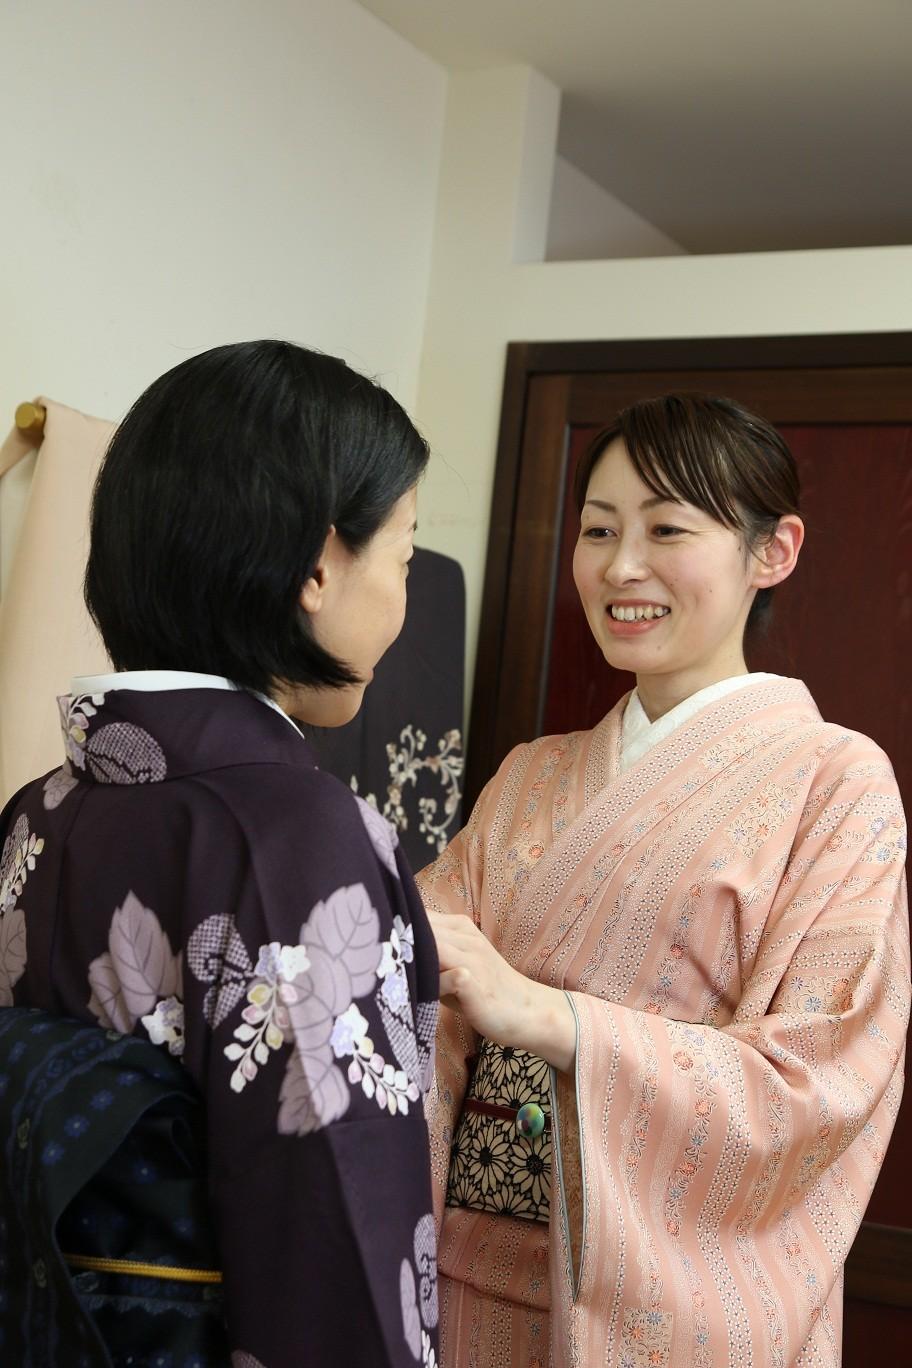 きものや和文化のすばらしさを、一緒に発信していきましょう!